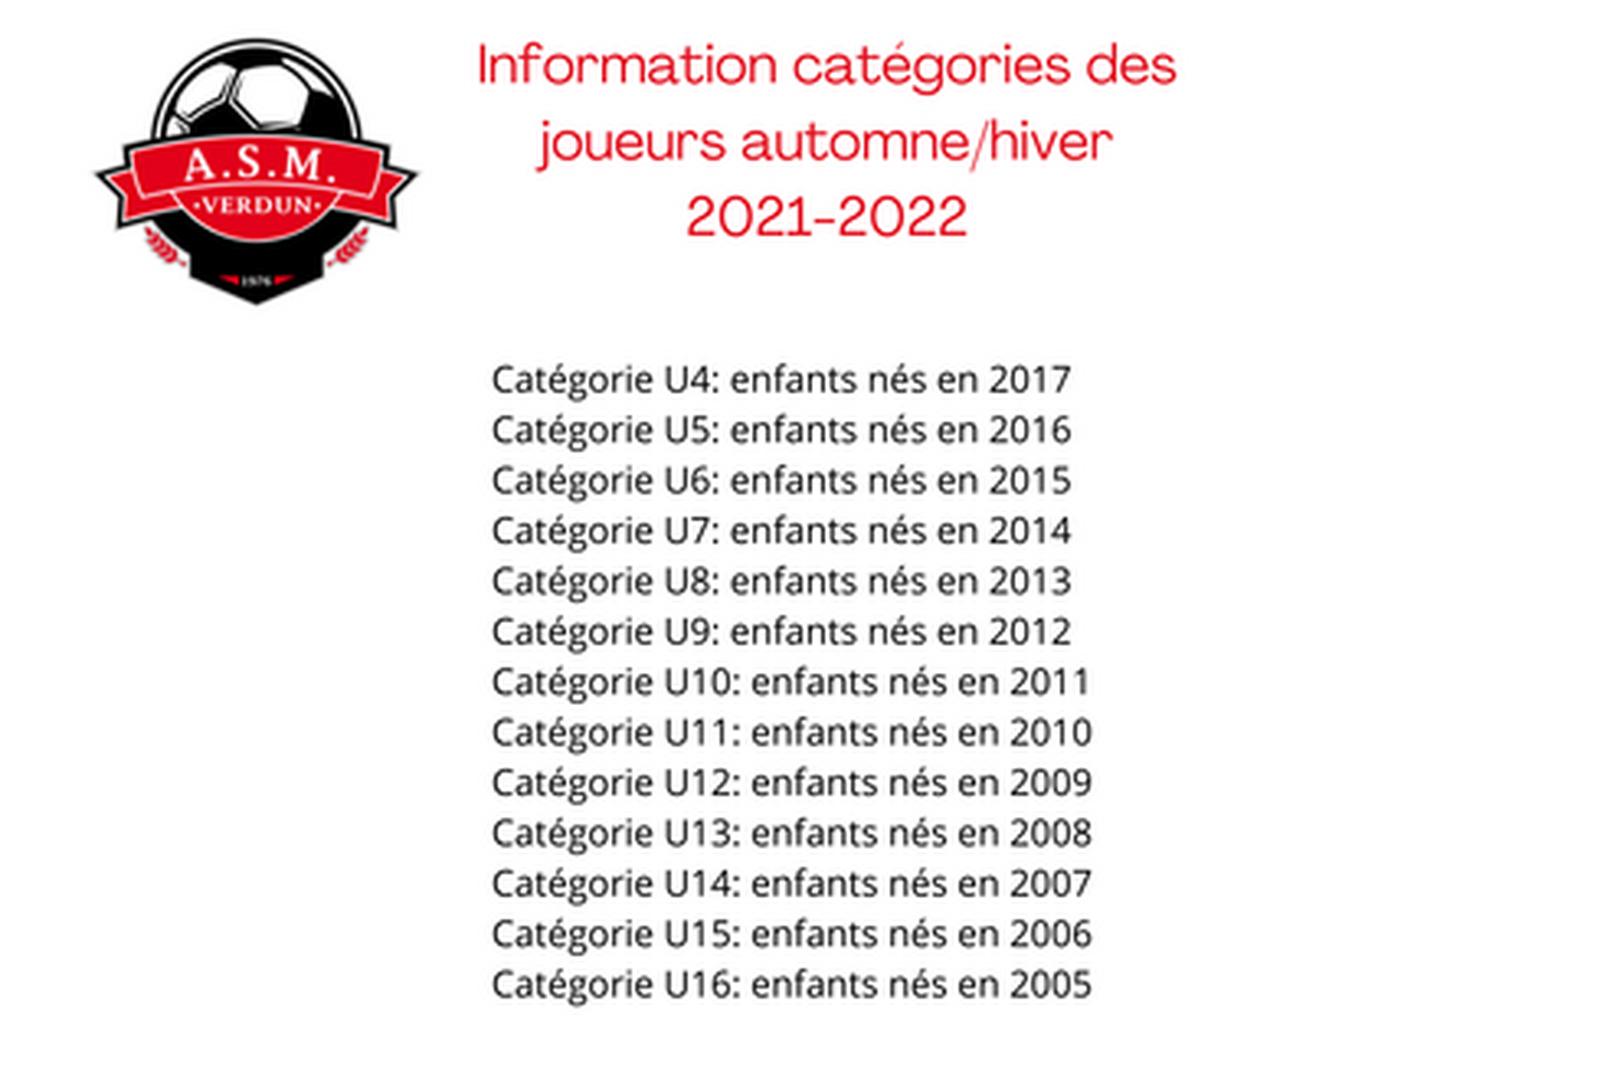 Catégories de joueurs automne/hiver 2021-2022